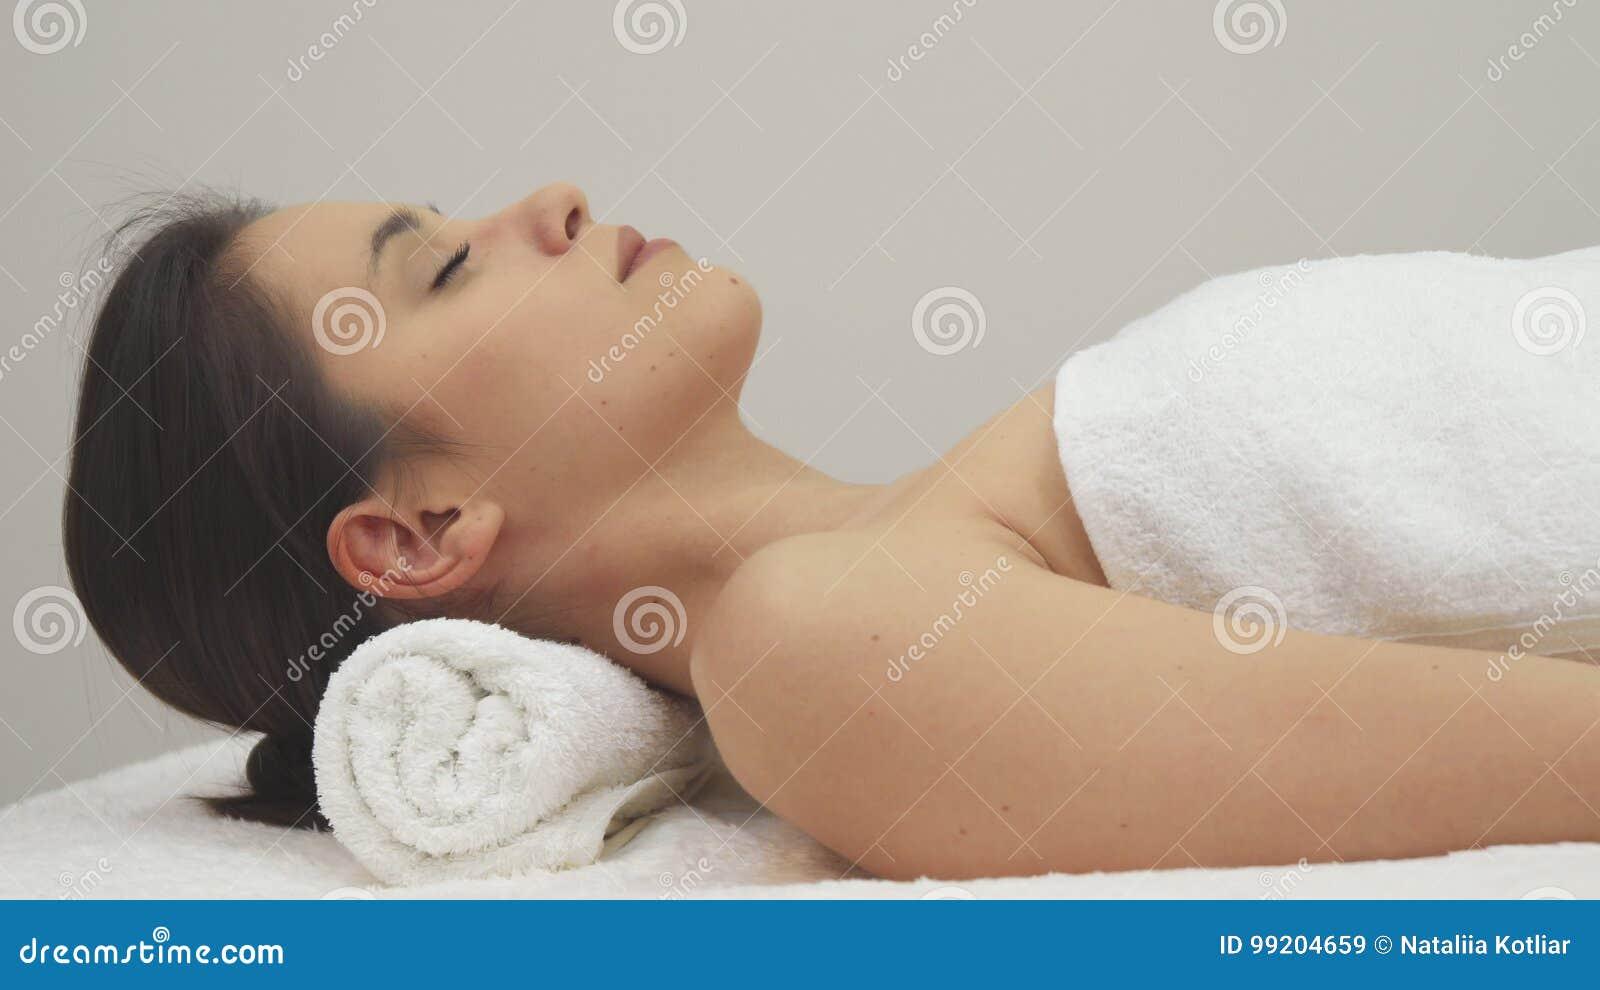 Девушка лежит массаж все салоны эротических массаж на юго западная